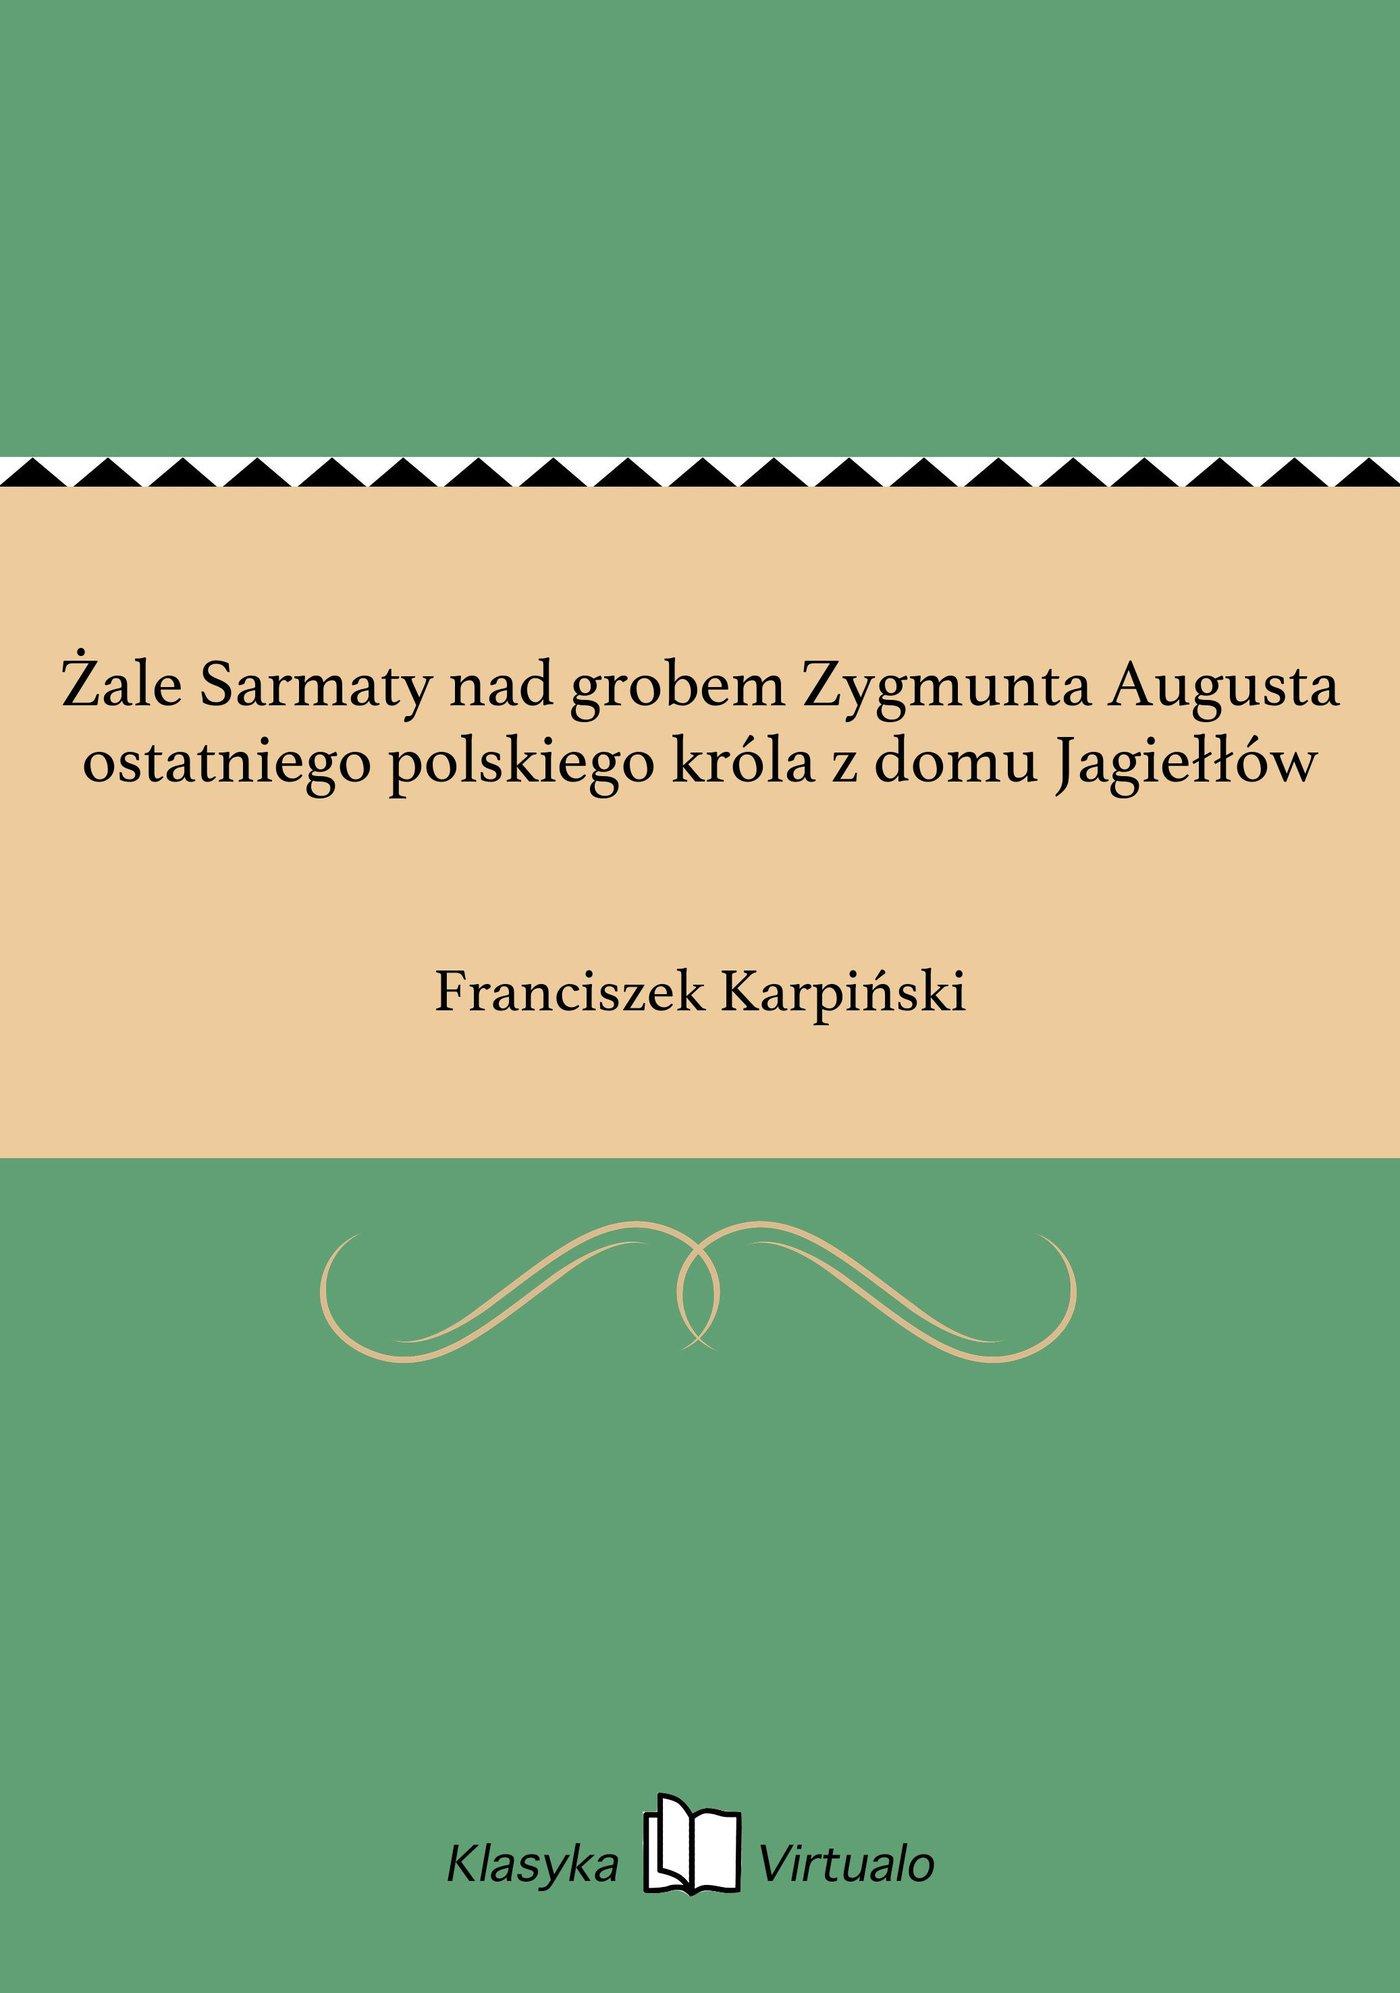 Żale Sarmaty nad grobem Zygmunta Augusta ostatniego polskiego króla z domu Jagiełłów - Ebook (Książka EPUB) do pobrania w formacie EPUB